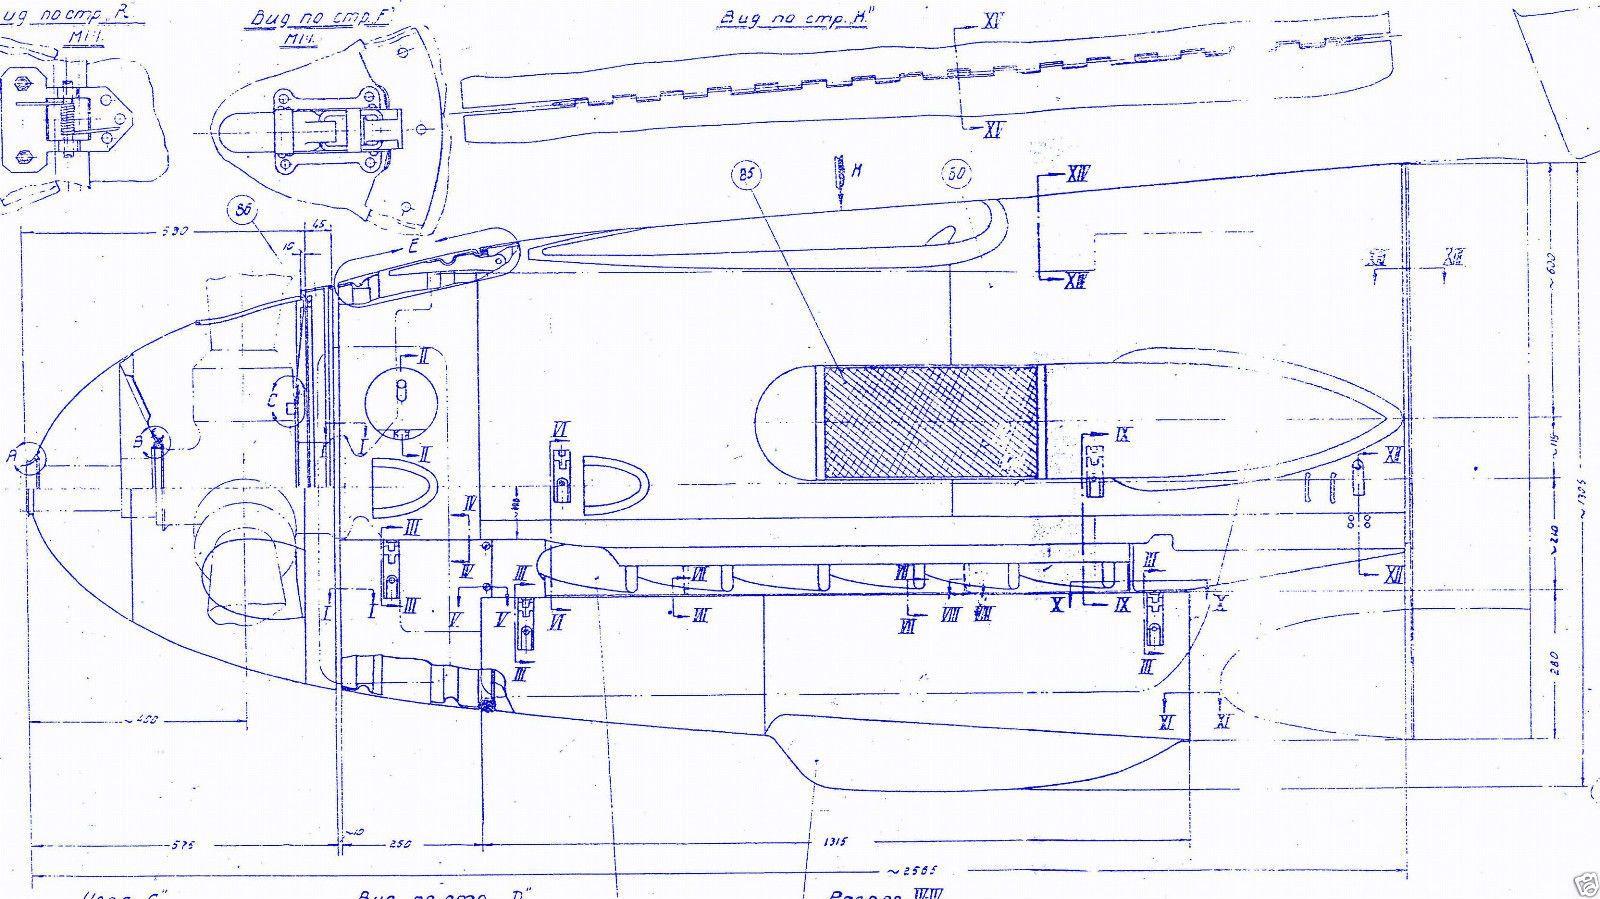 Bf me 109 messerschmitt original blueprint plans archive period bf me 109 messerschmitt original blueprint plans archive period drawings 1940s 2699 picclick malvernweather Gallery